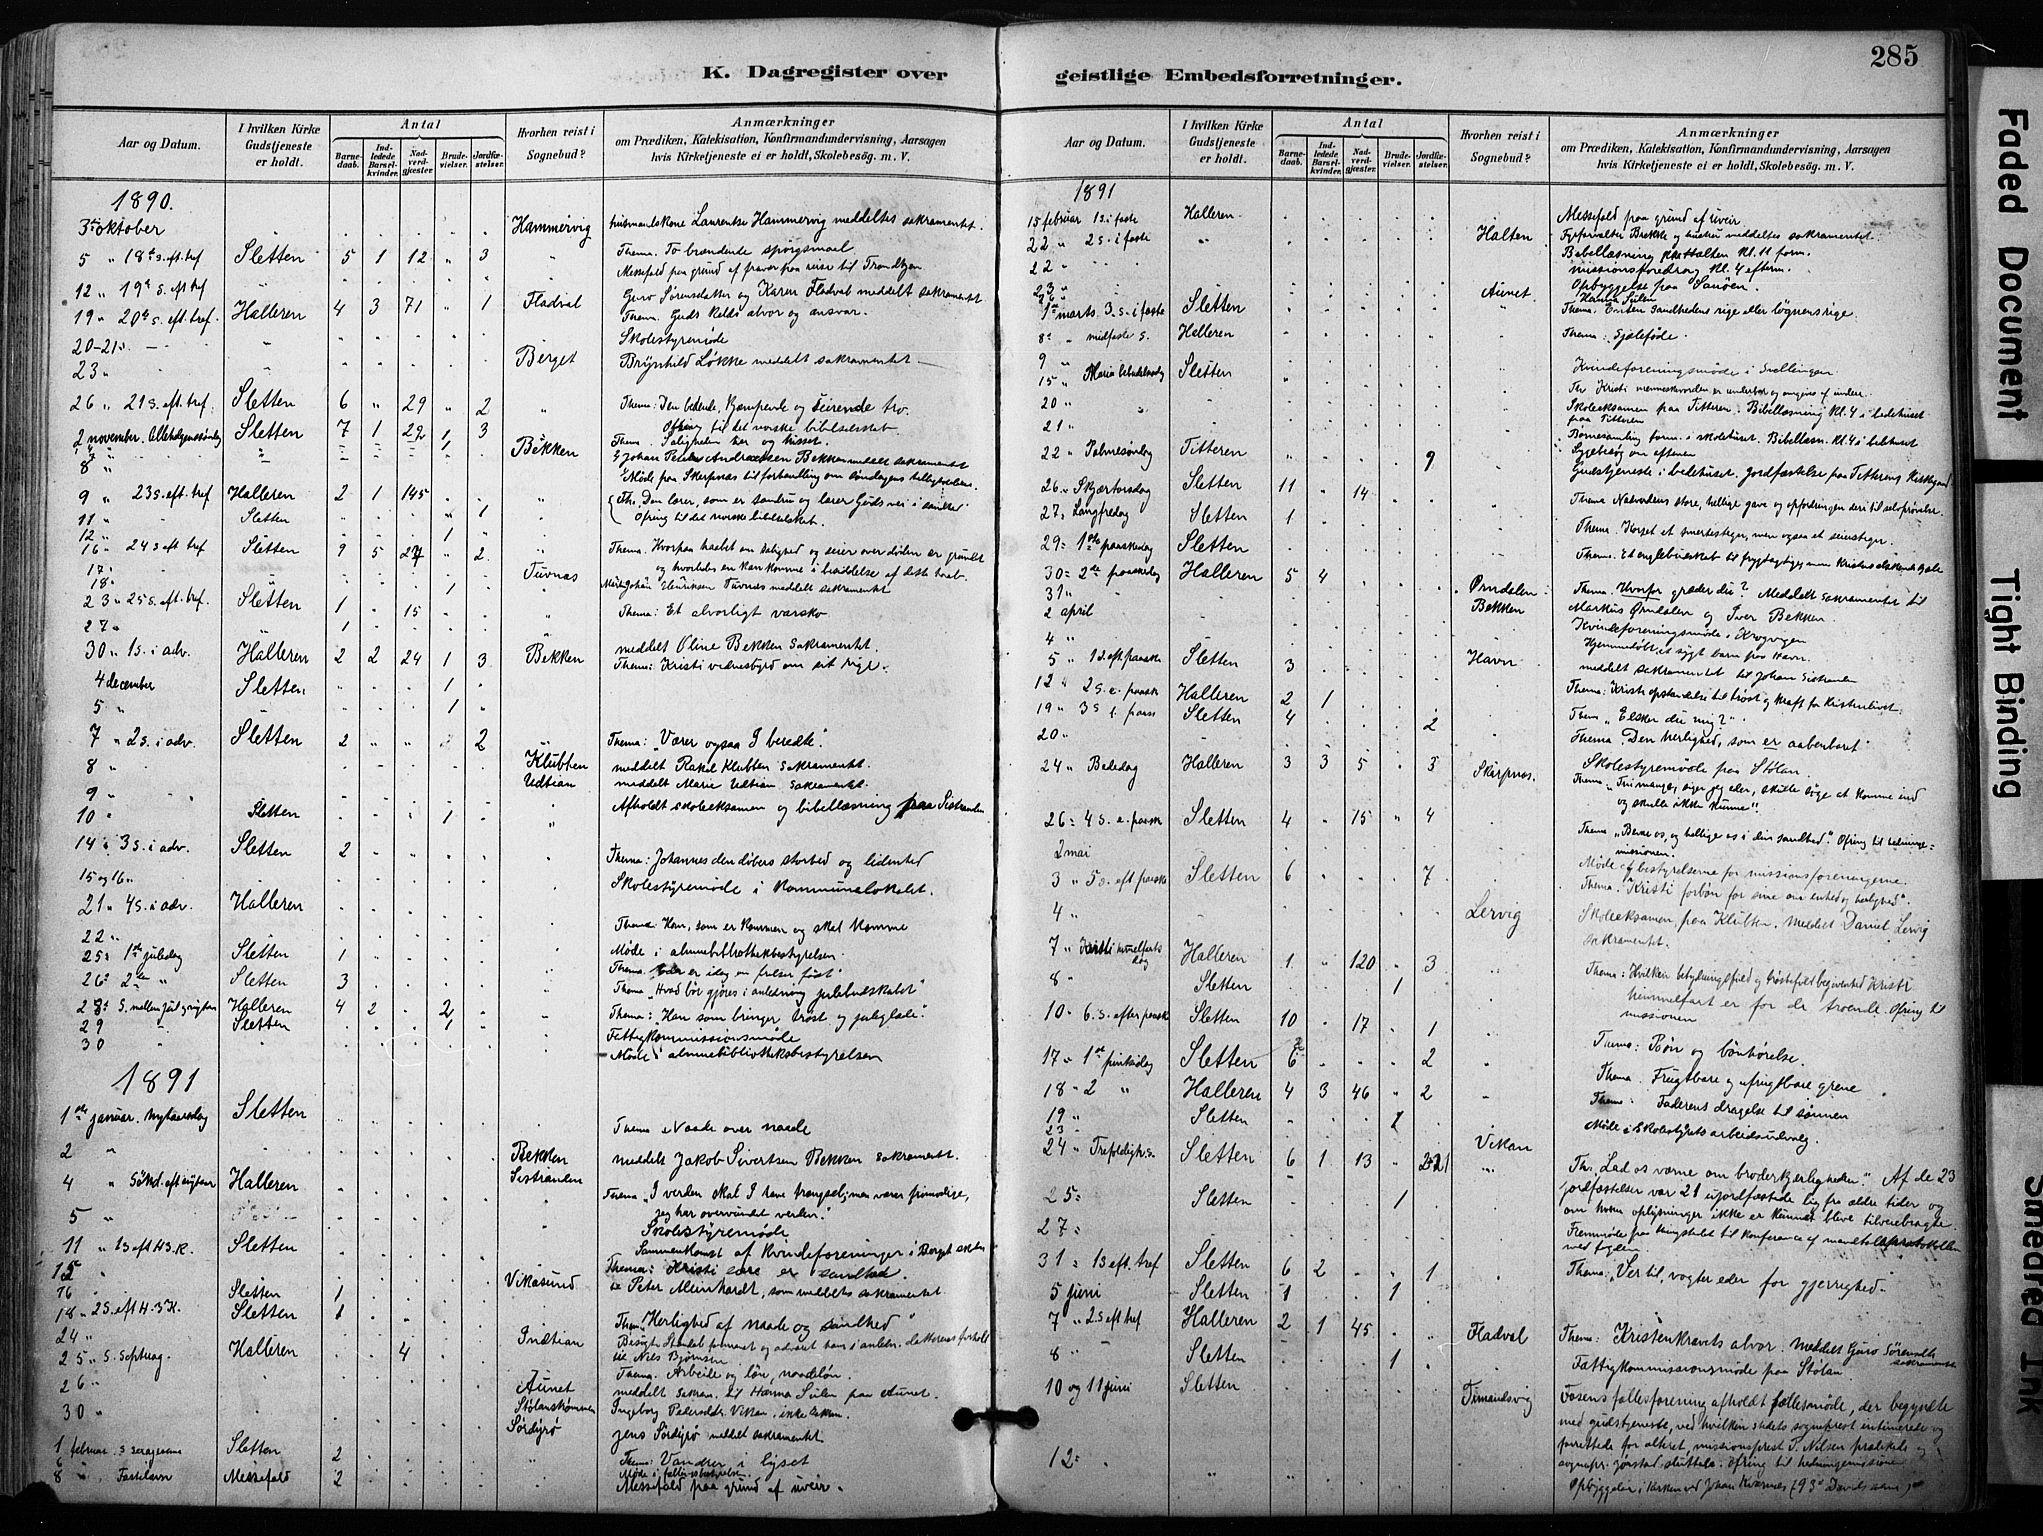 SAT, Ministerialprotokoller, klokkerbøker og fødselsregistre - Sør-Trøndelag, 640/L0579: Ministerialbok nr. 640A04, 1889-1902, s. 285